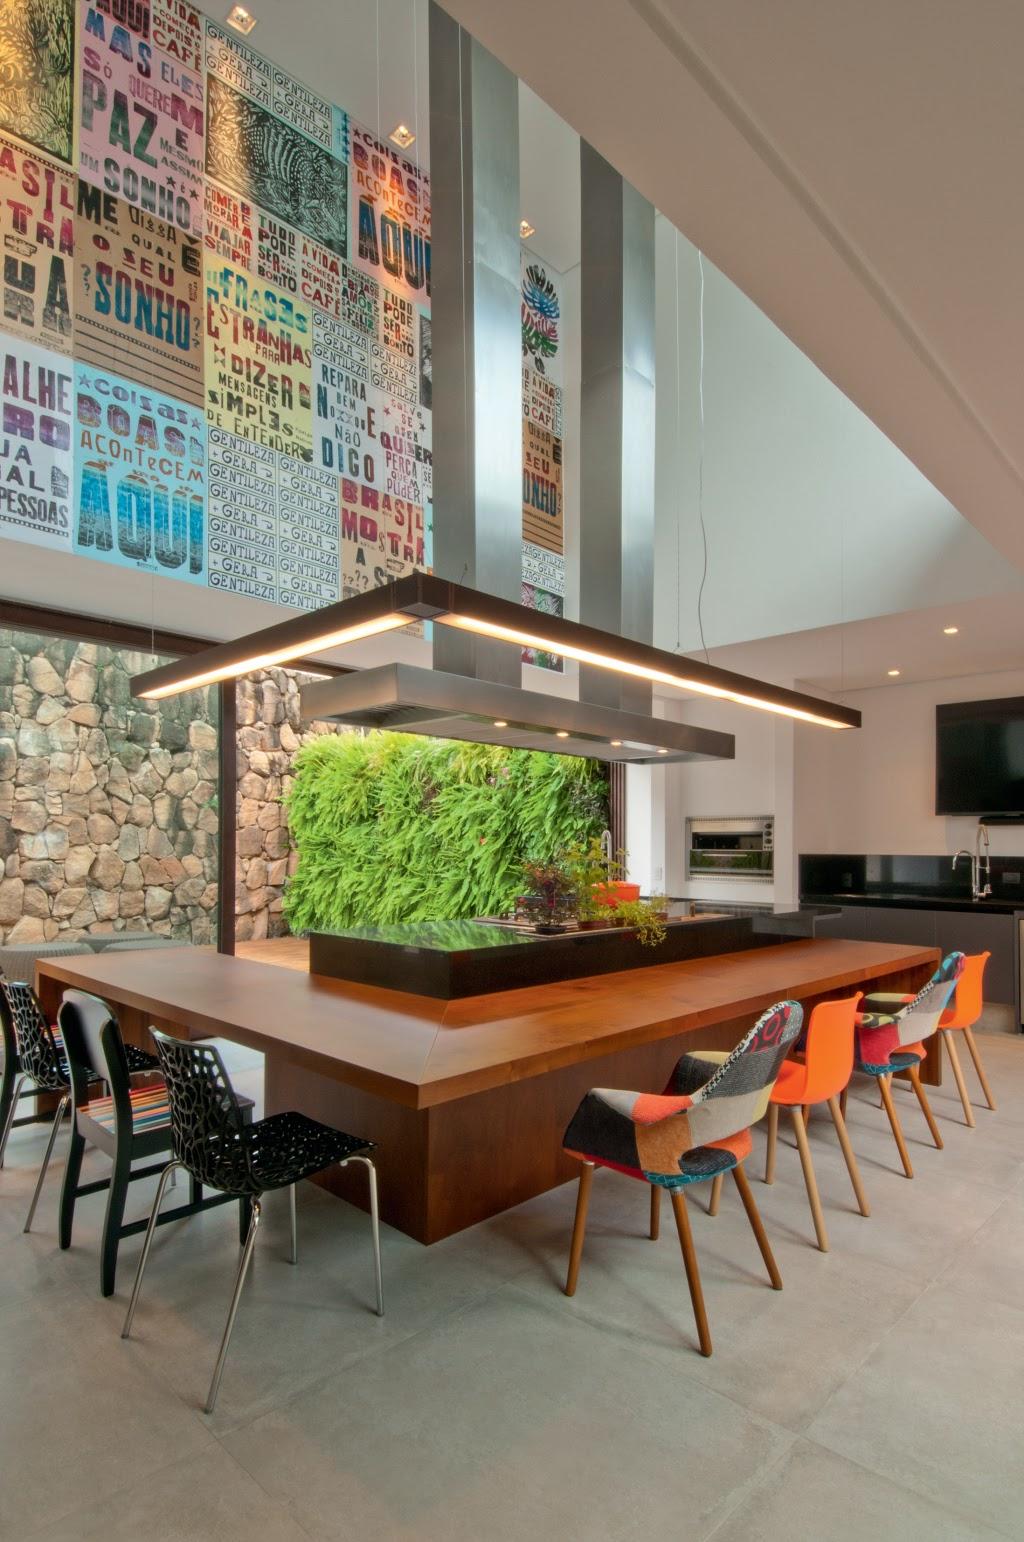 cozinha americana com ilha parede de lambe lambe